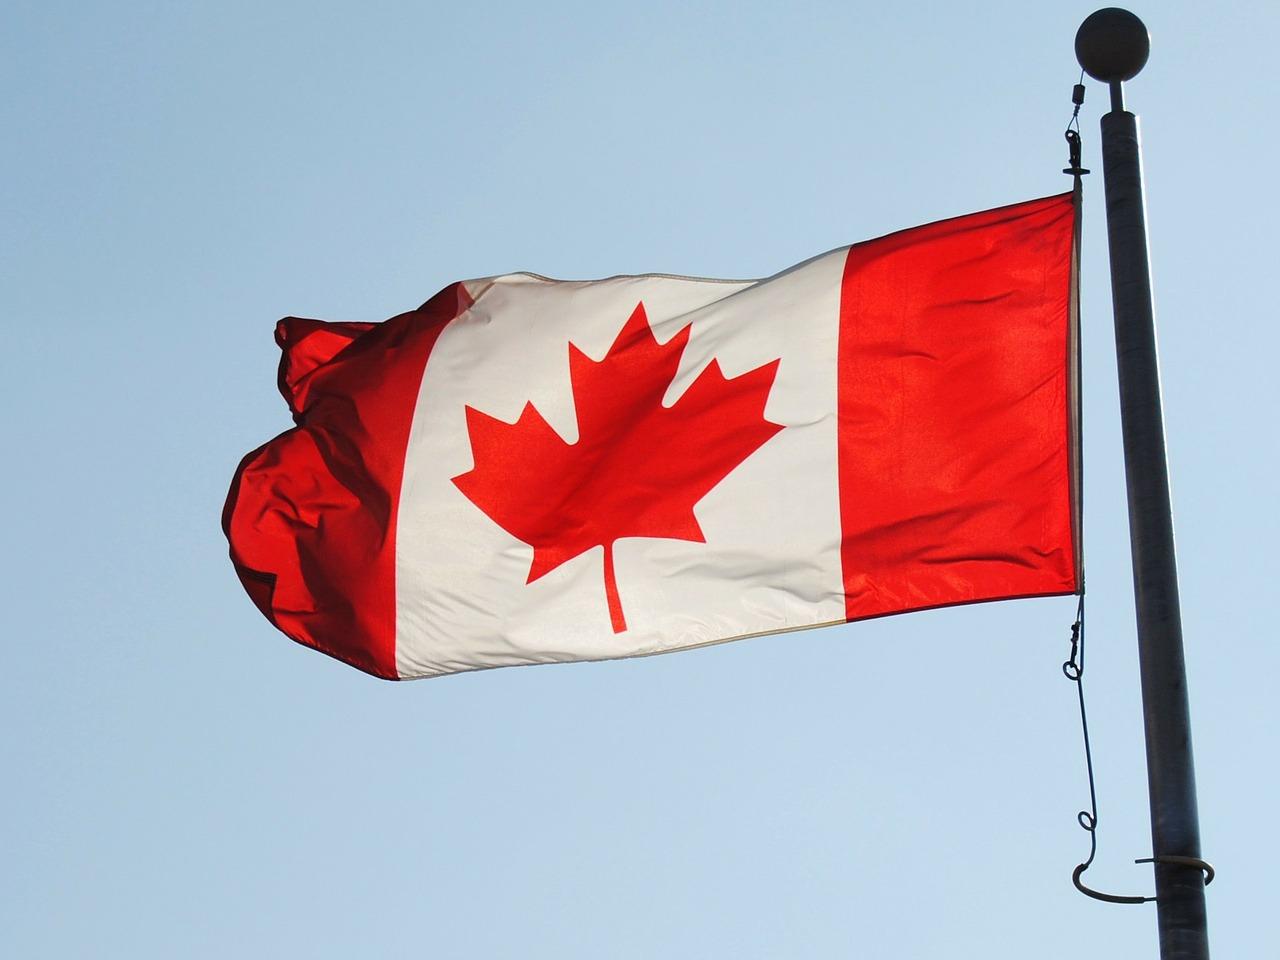 Канада виділила $13 млн на підтримку угоди про зону вільної торгівлі